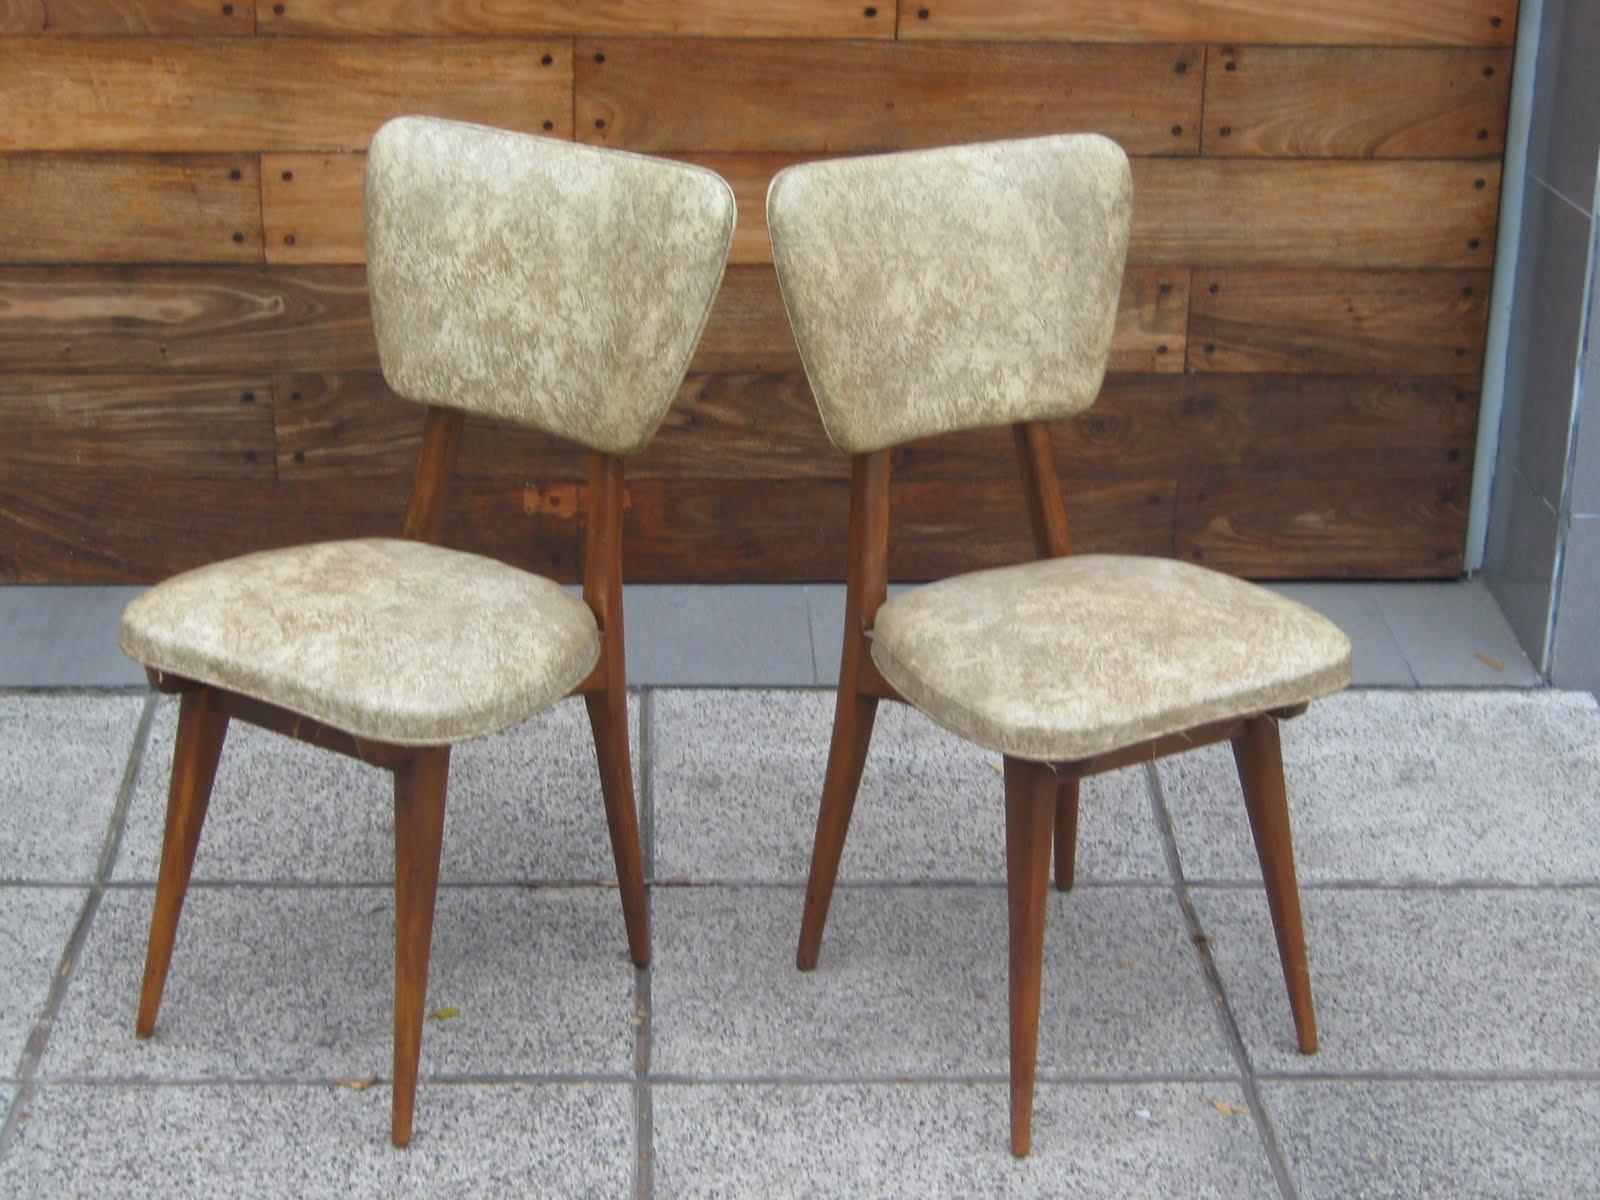 Antiguedades del parque sillas de dise o for Sillas para parques